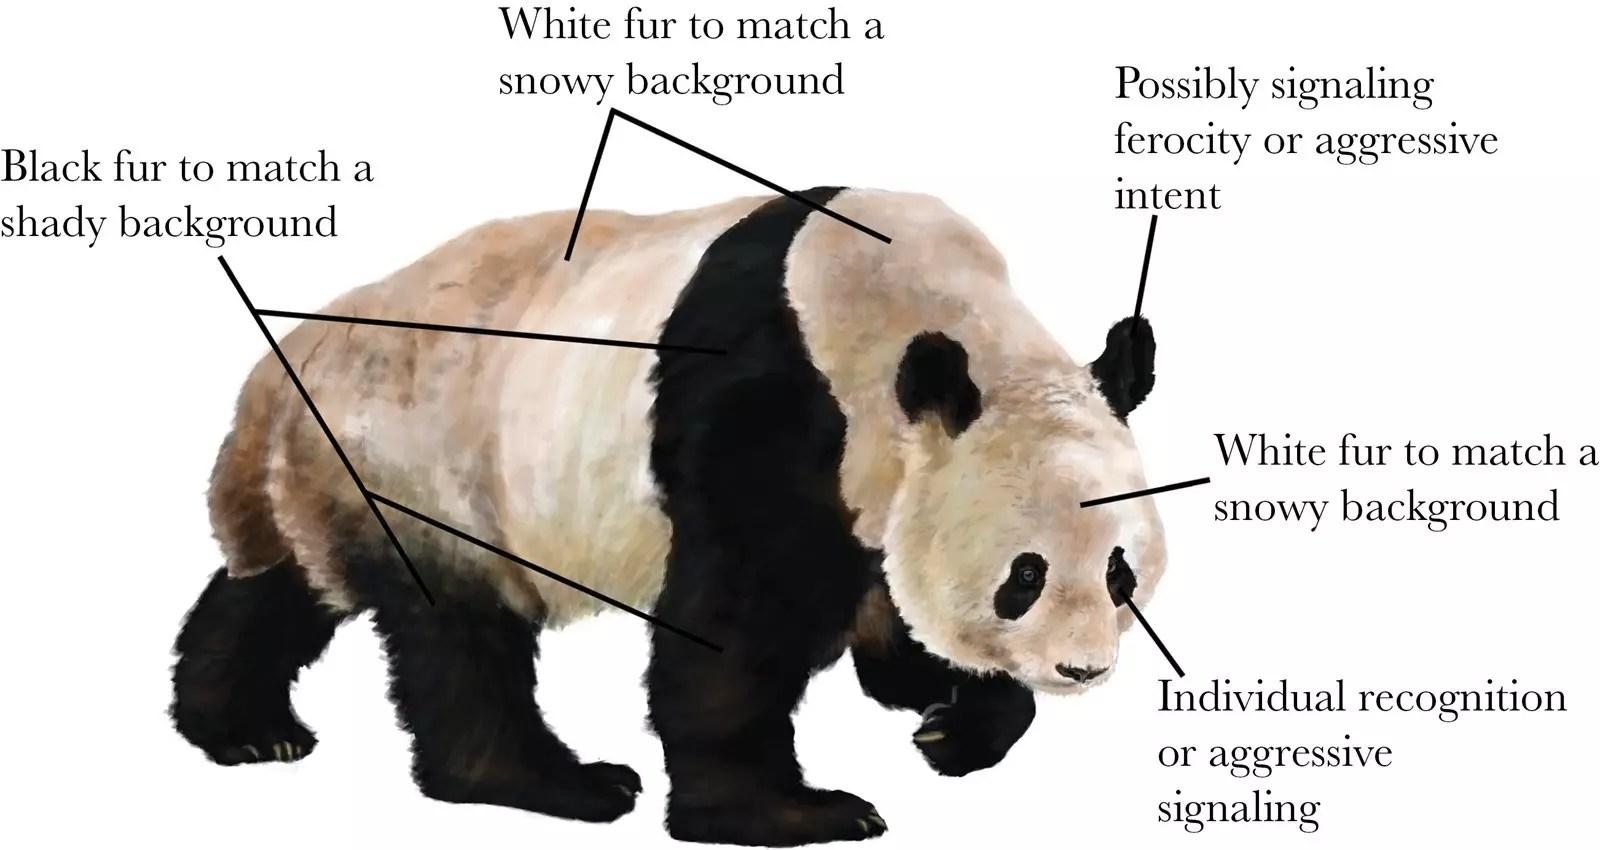 panda life cycle diagram how to wire a switched outlet quelle est lutilité de la coloration noire et blanche